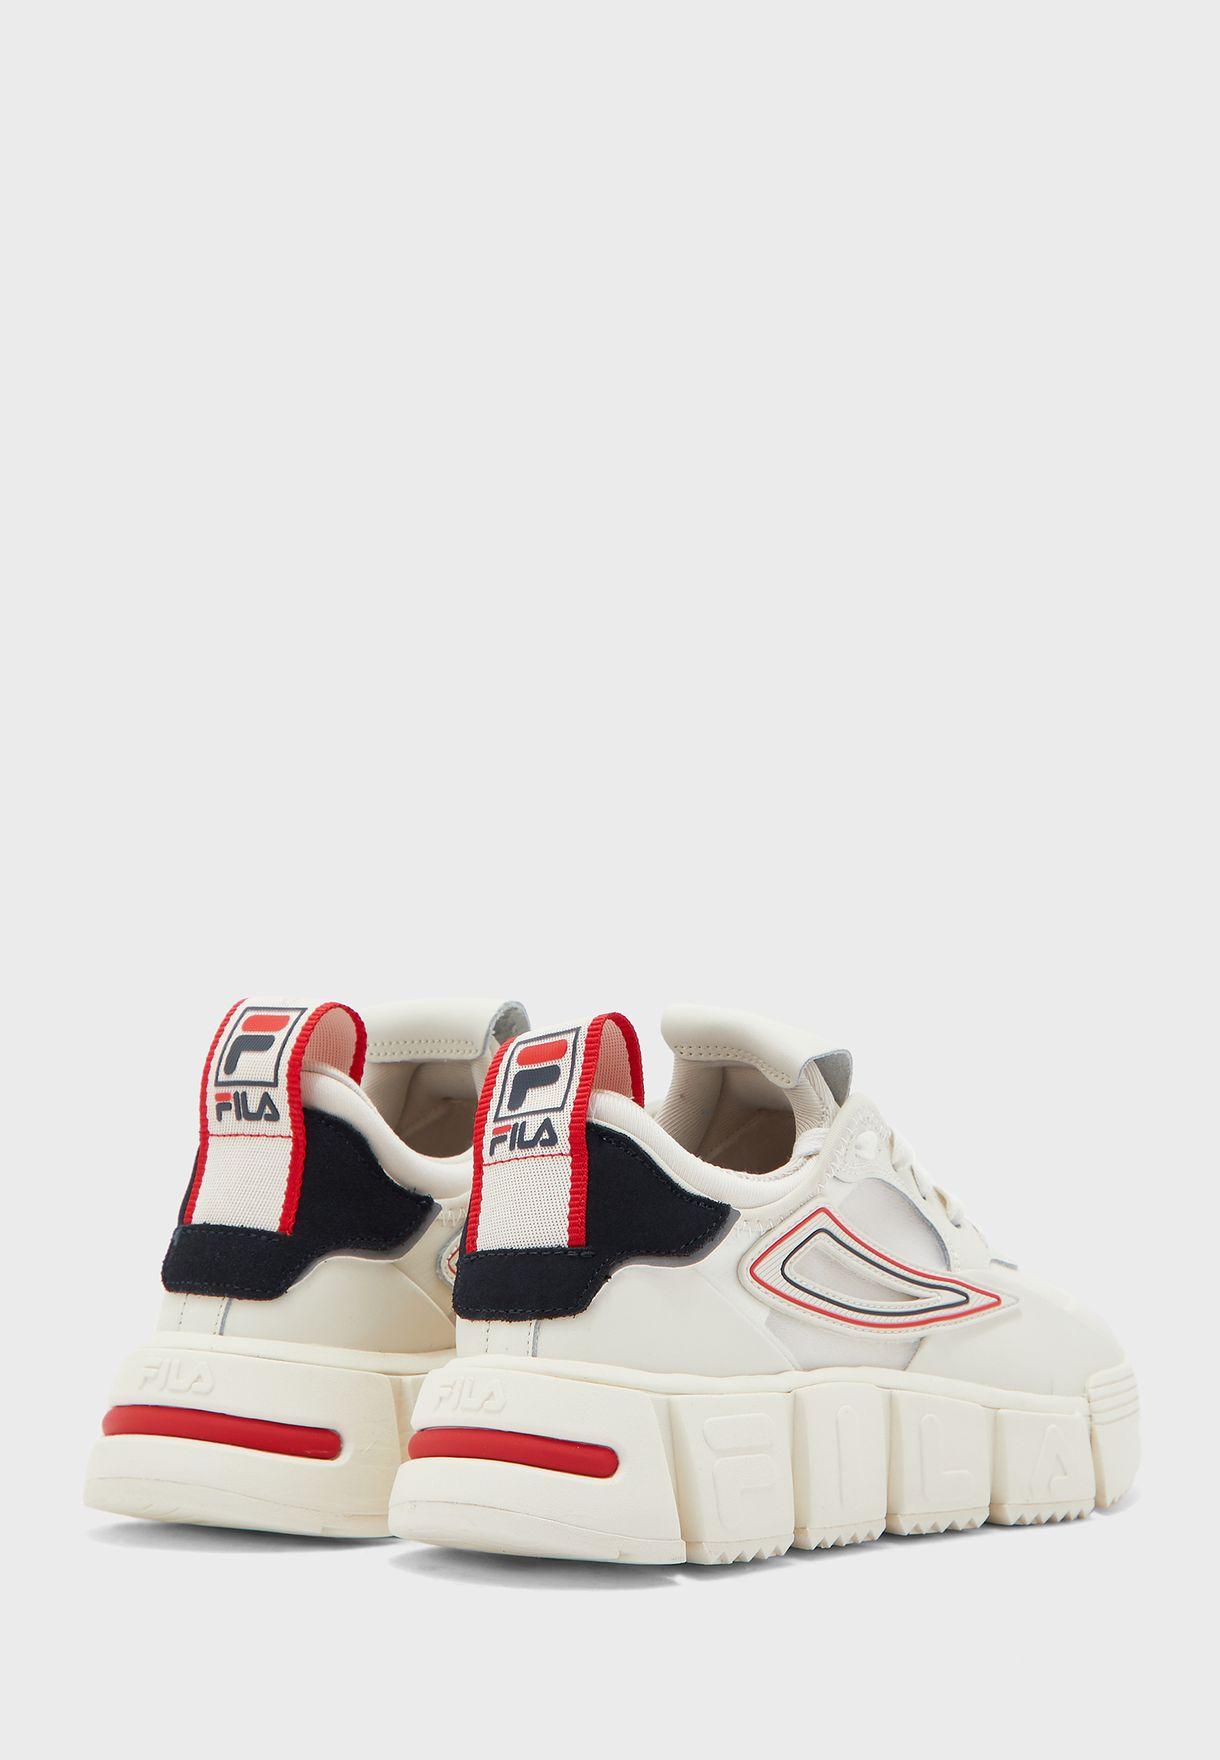 حذاء ديسربتر كينج